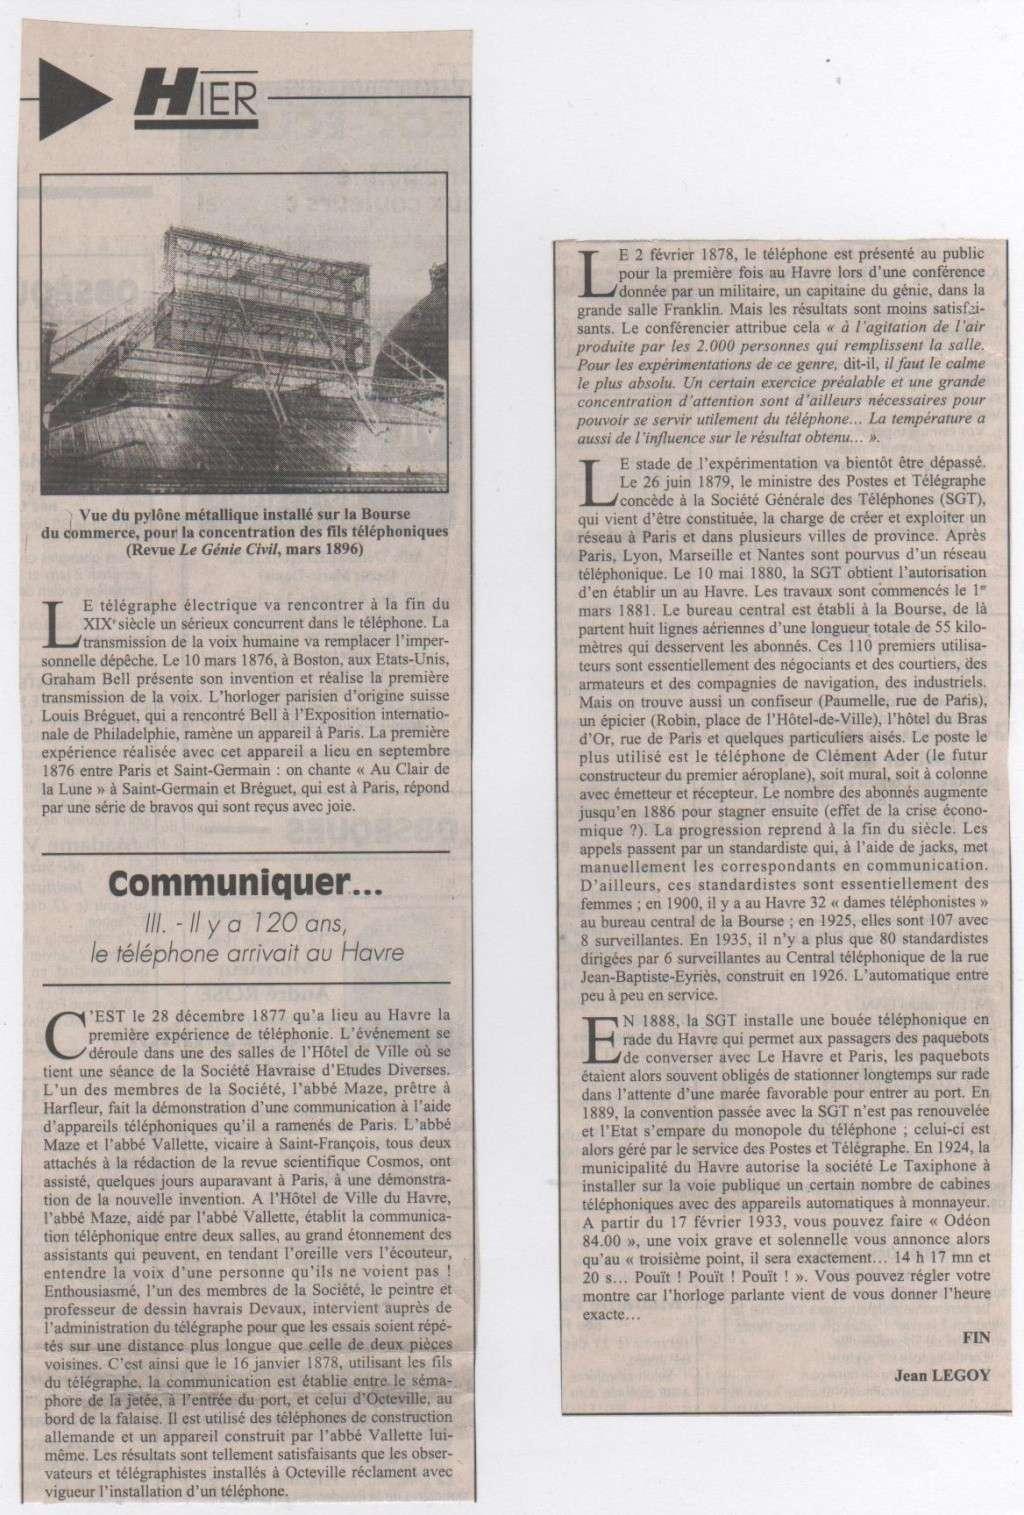 Hier, Le Havre par Jean LEGOY - Page 2 Commun13